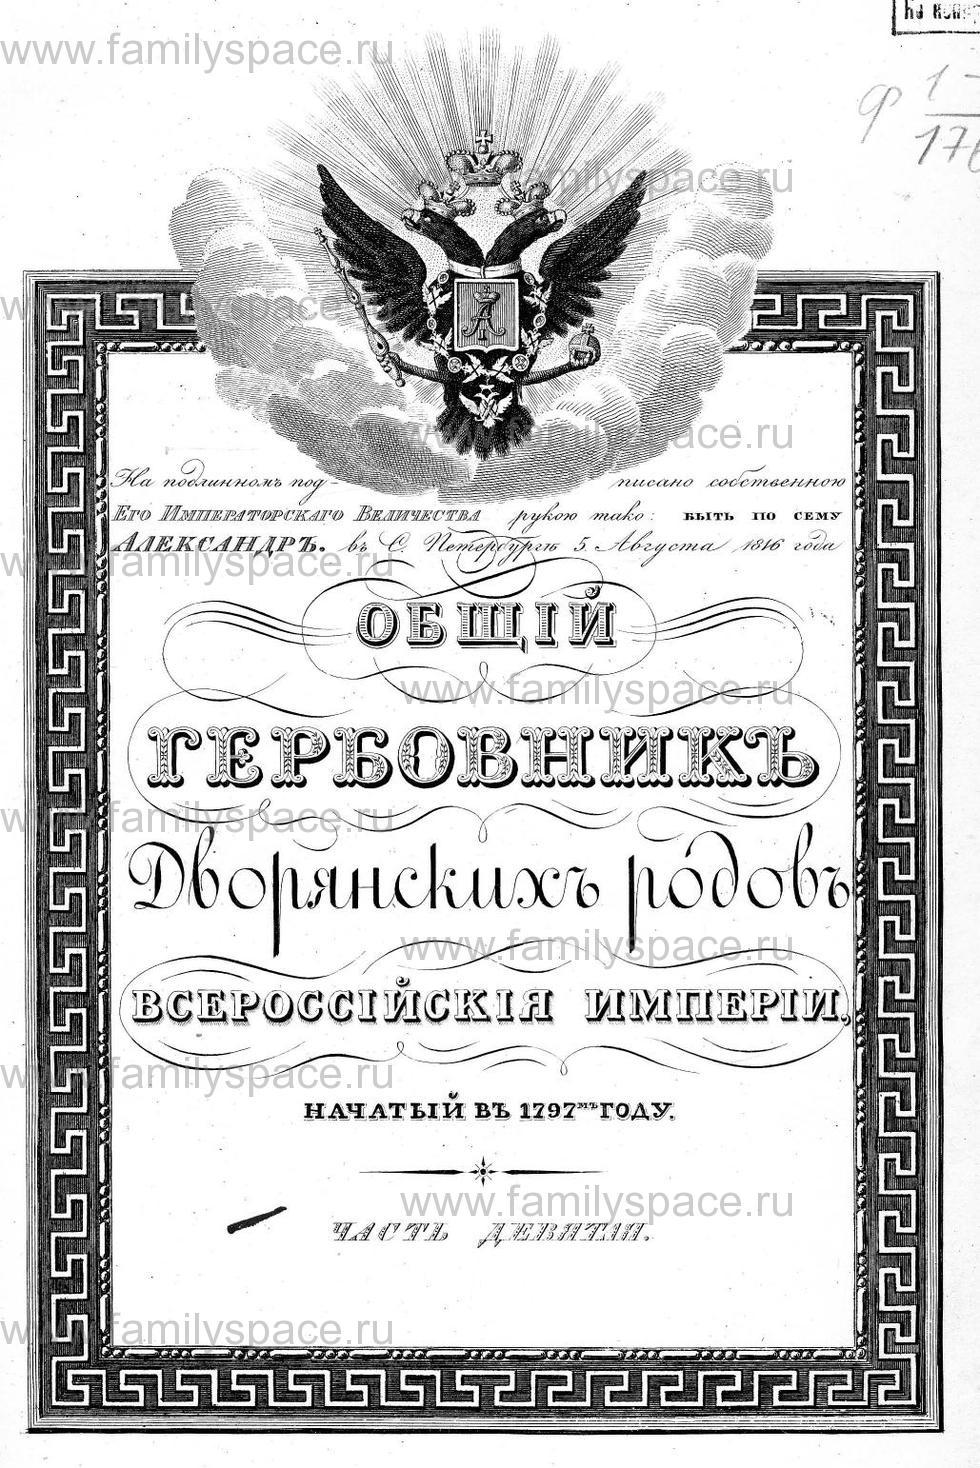 Поиск по фамилии - Общий гербовник дворянских родов Всероссийской империи 1797г., ч.9, страница 1